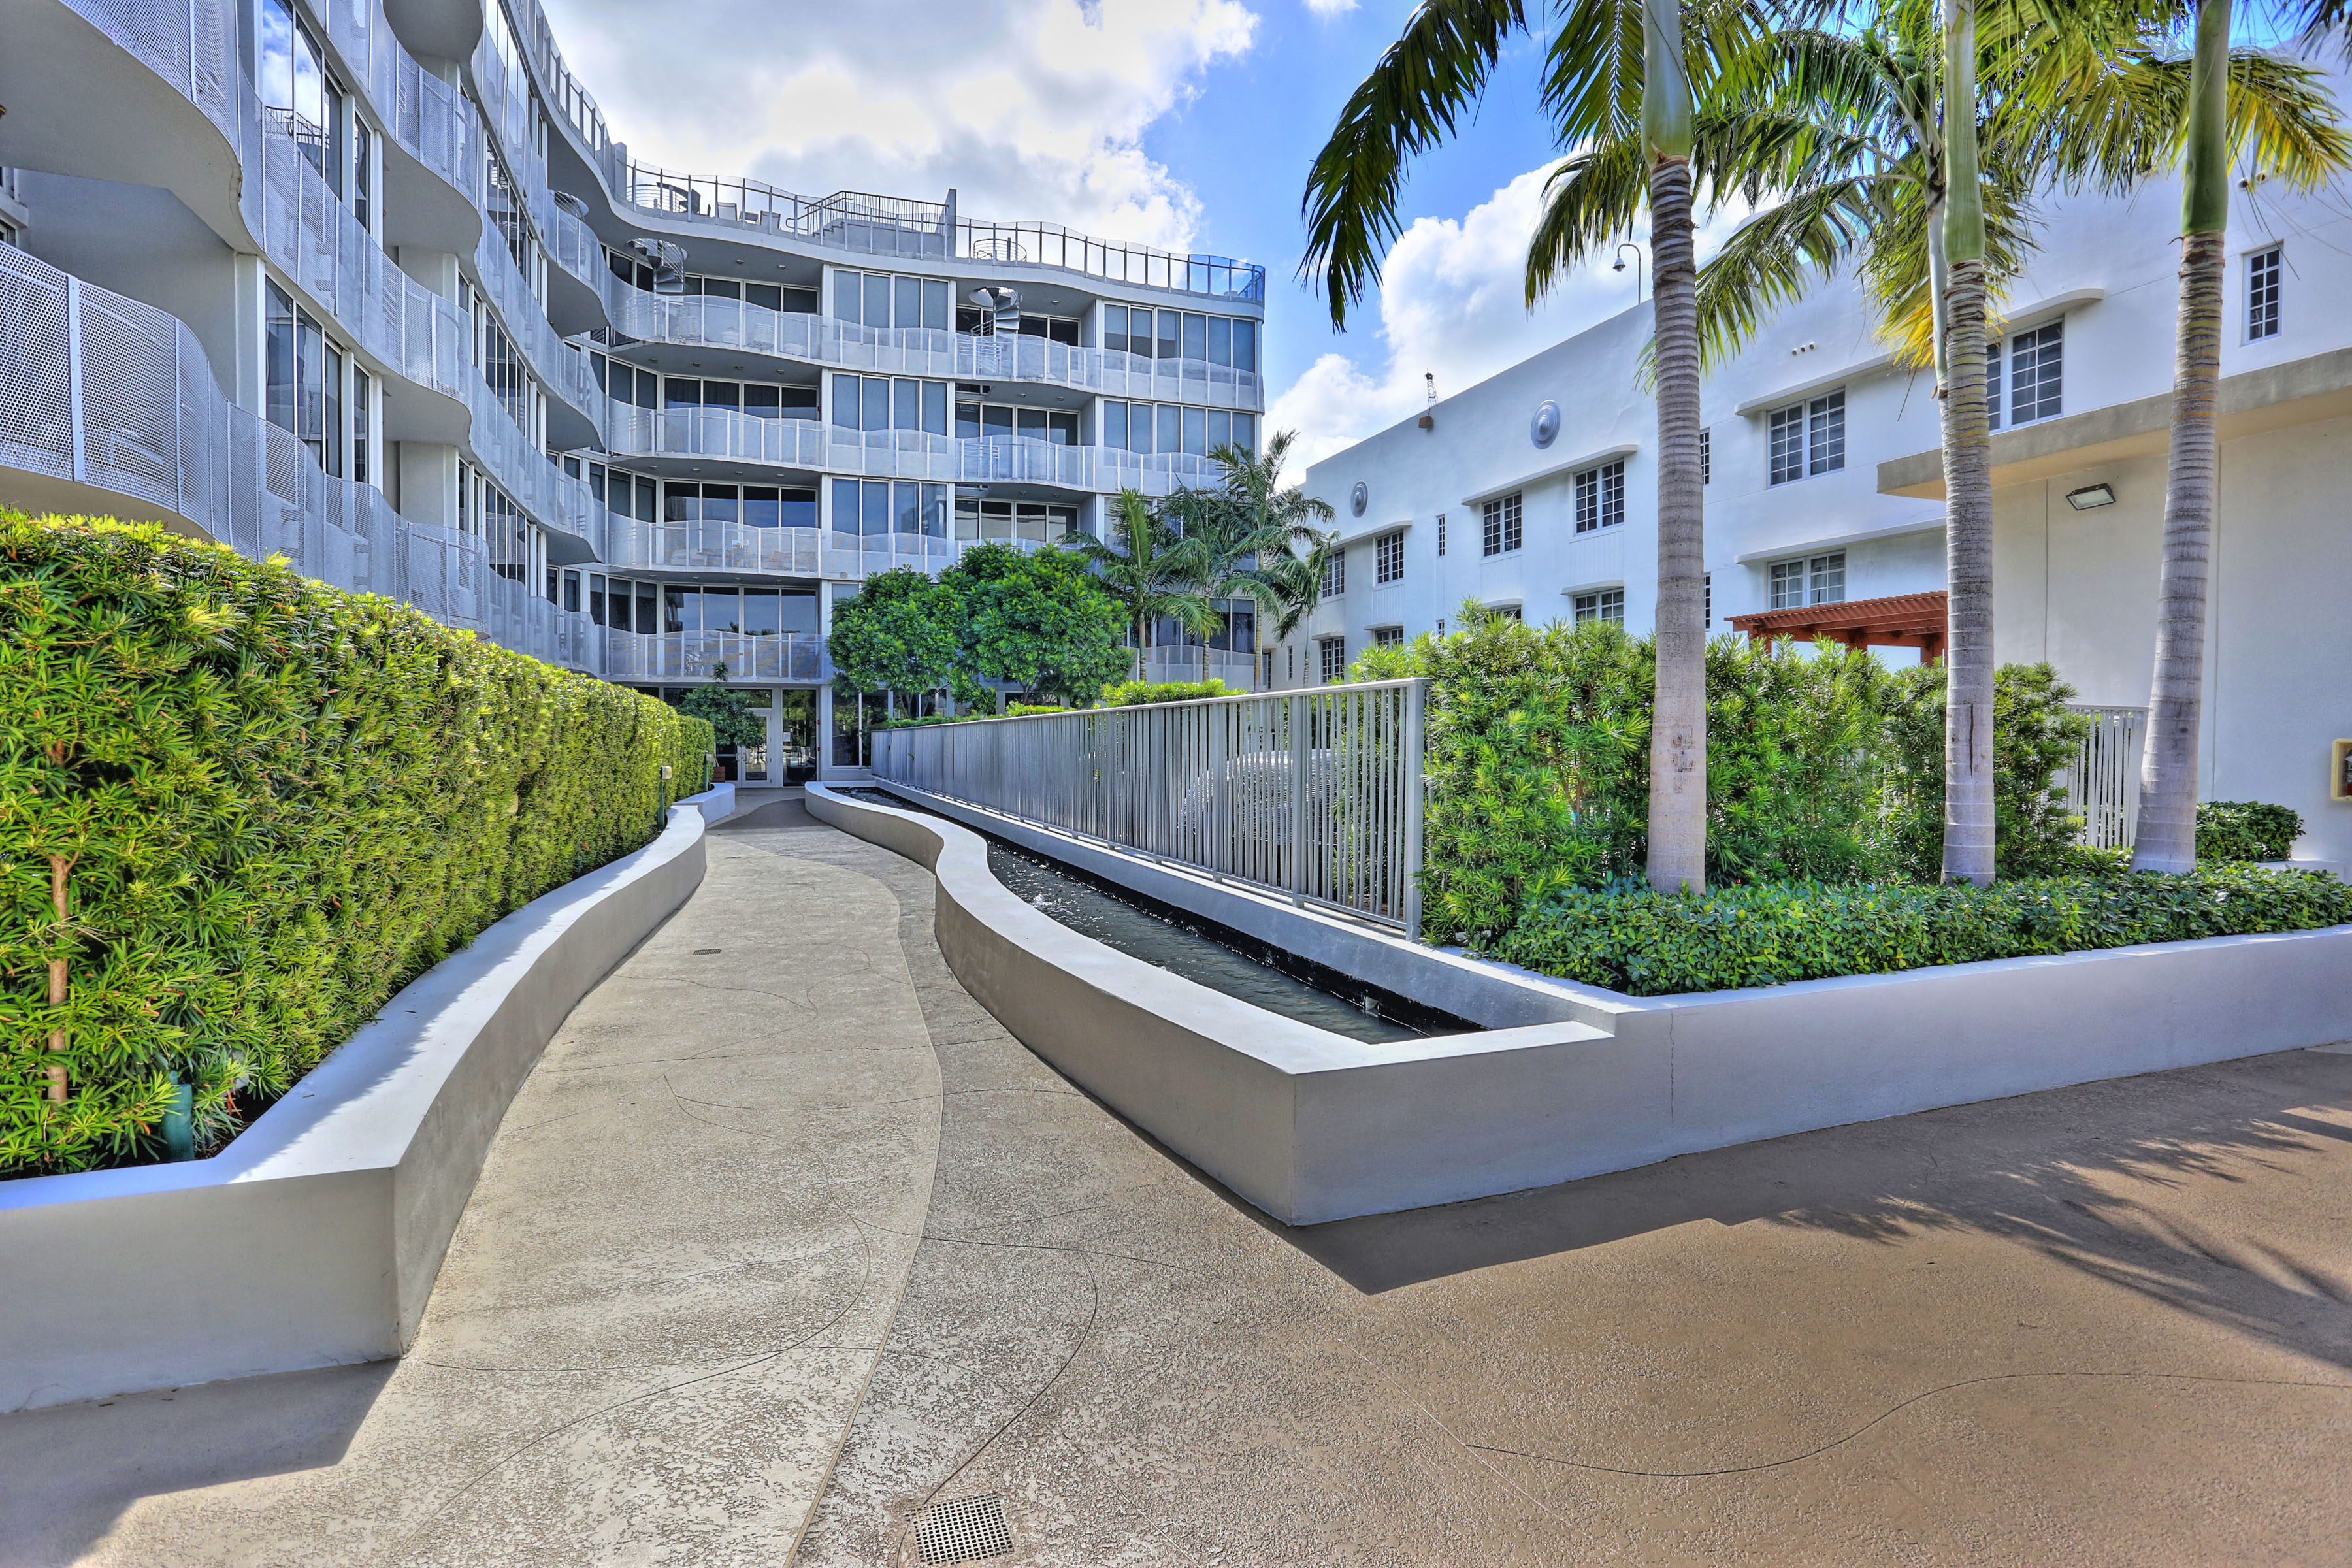 Căn hộ vì Bán tại 2130 Park Ave #Ve5 2130 Park Ave VE5 Miami Beach, Florida, 33139 Hoa Kỳ